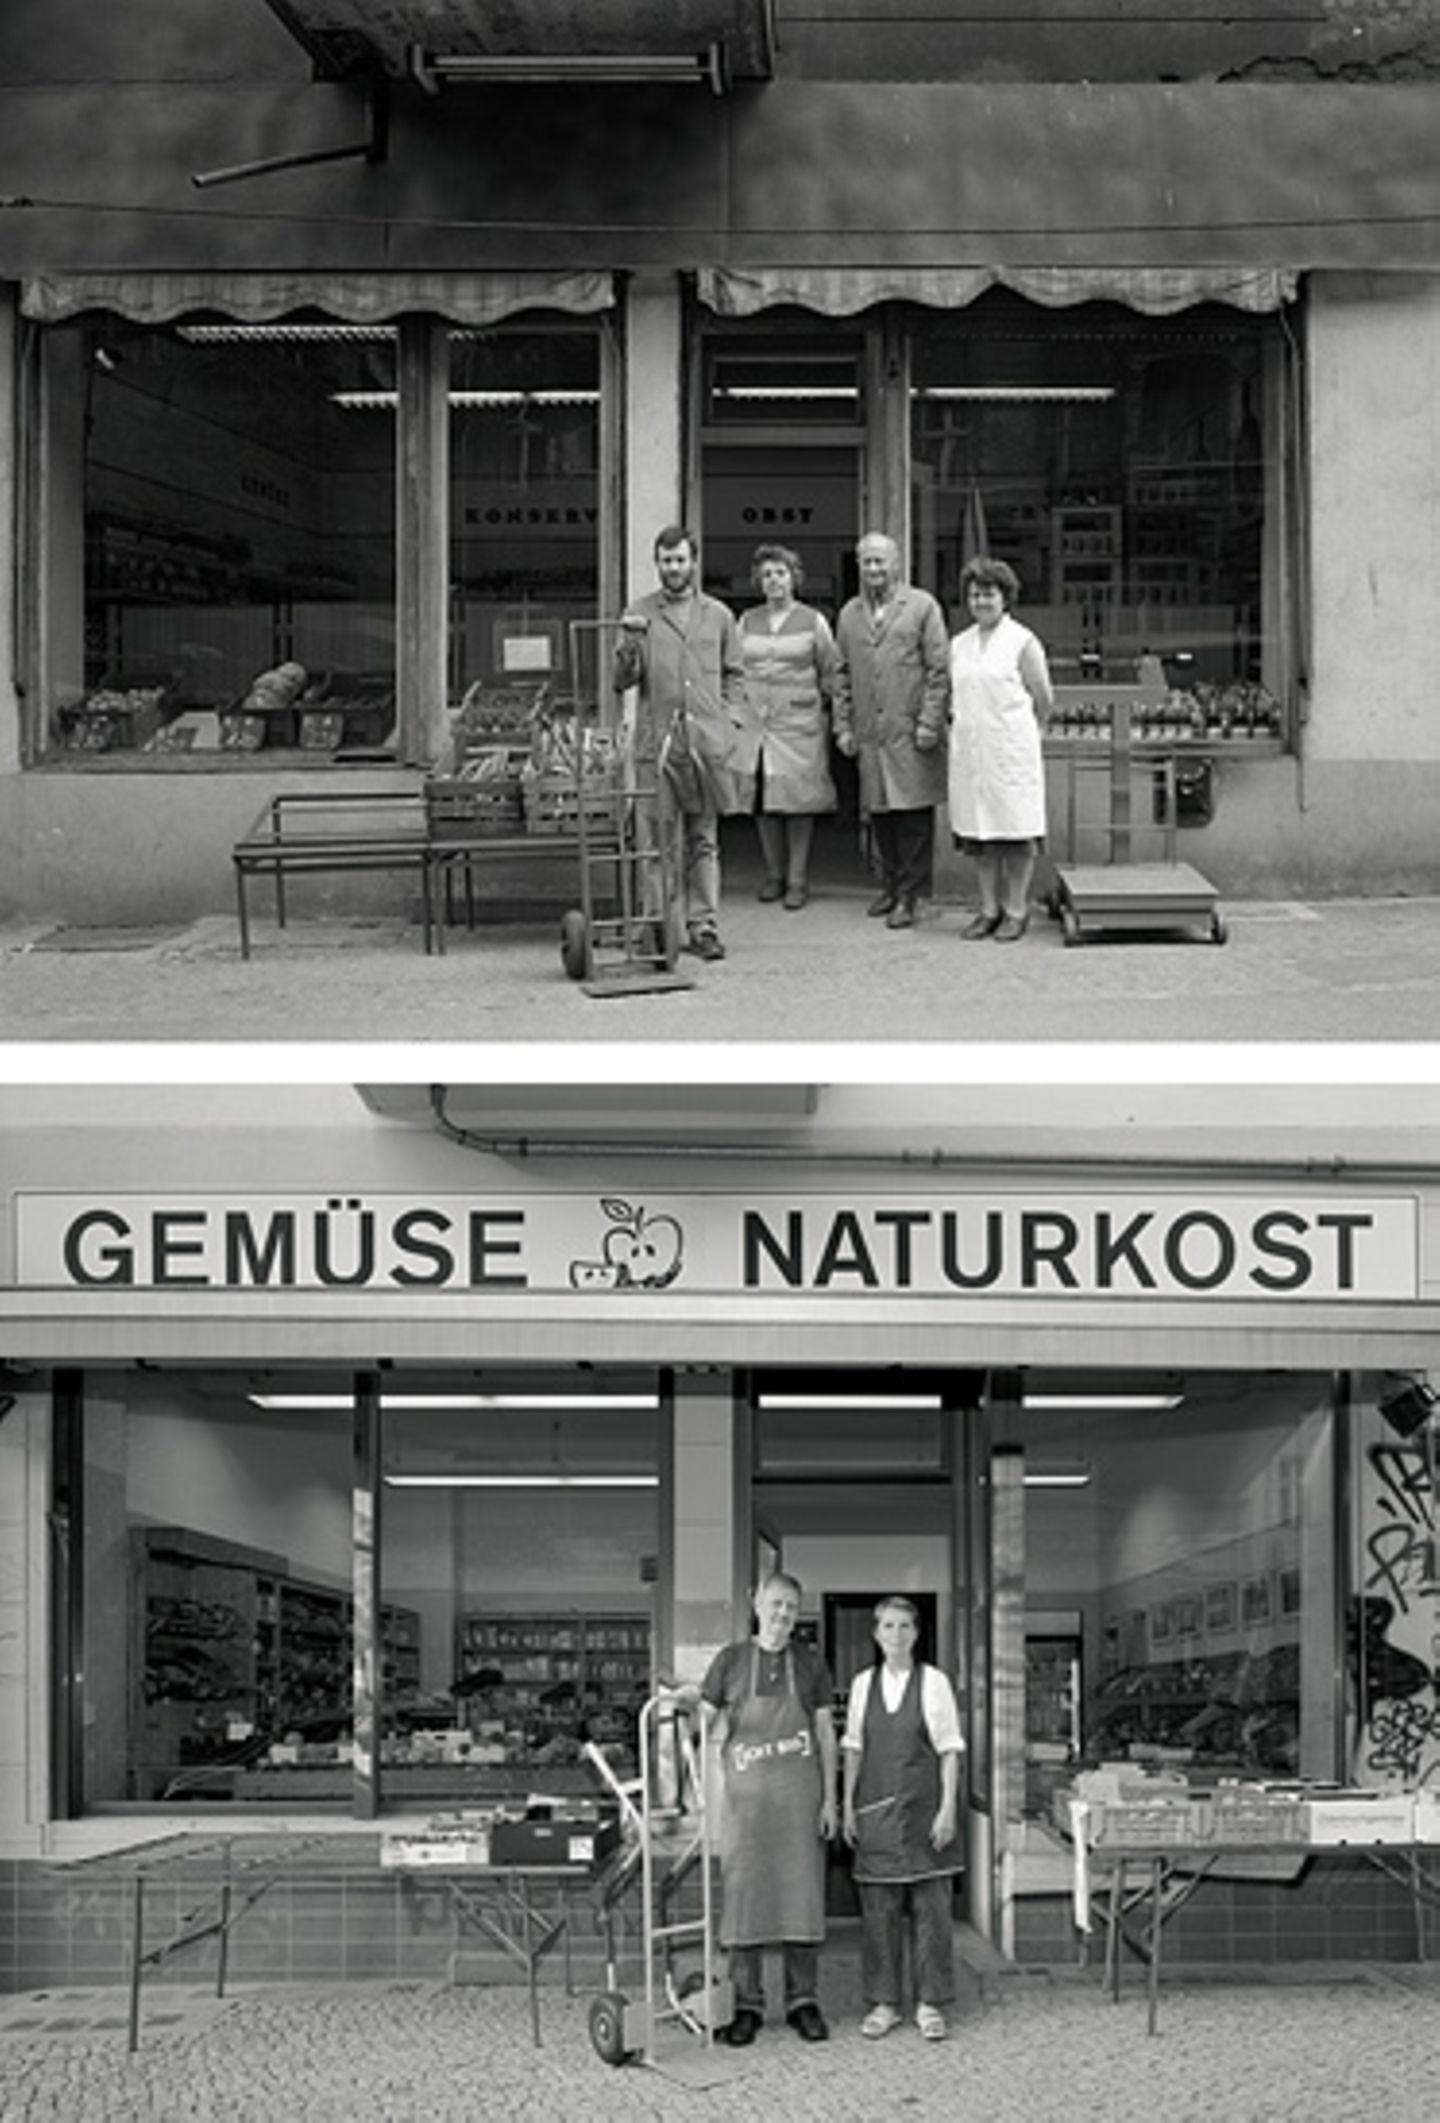 Fotogalerie: Eine deutsche Straße im Wandel - Bild 10